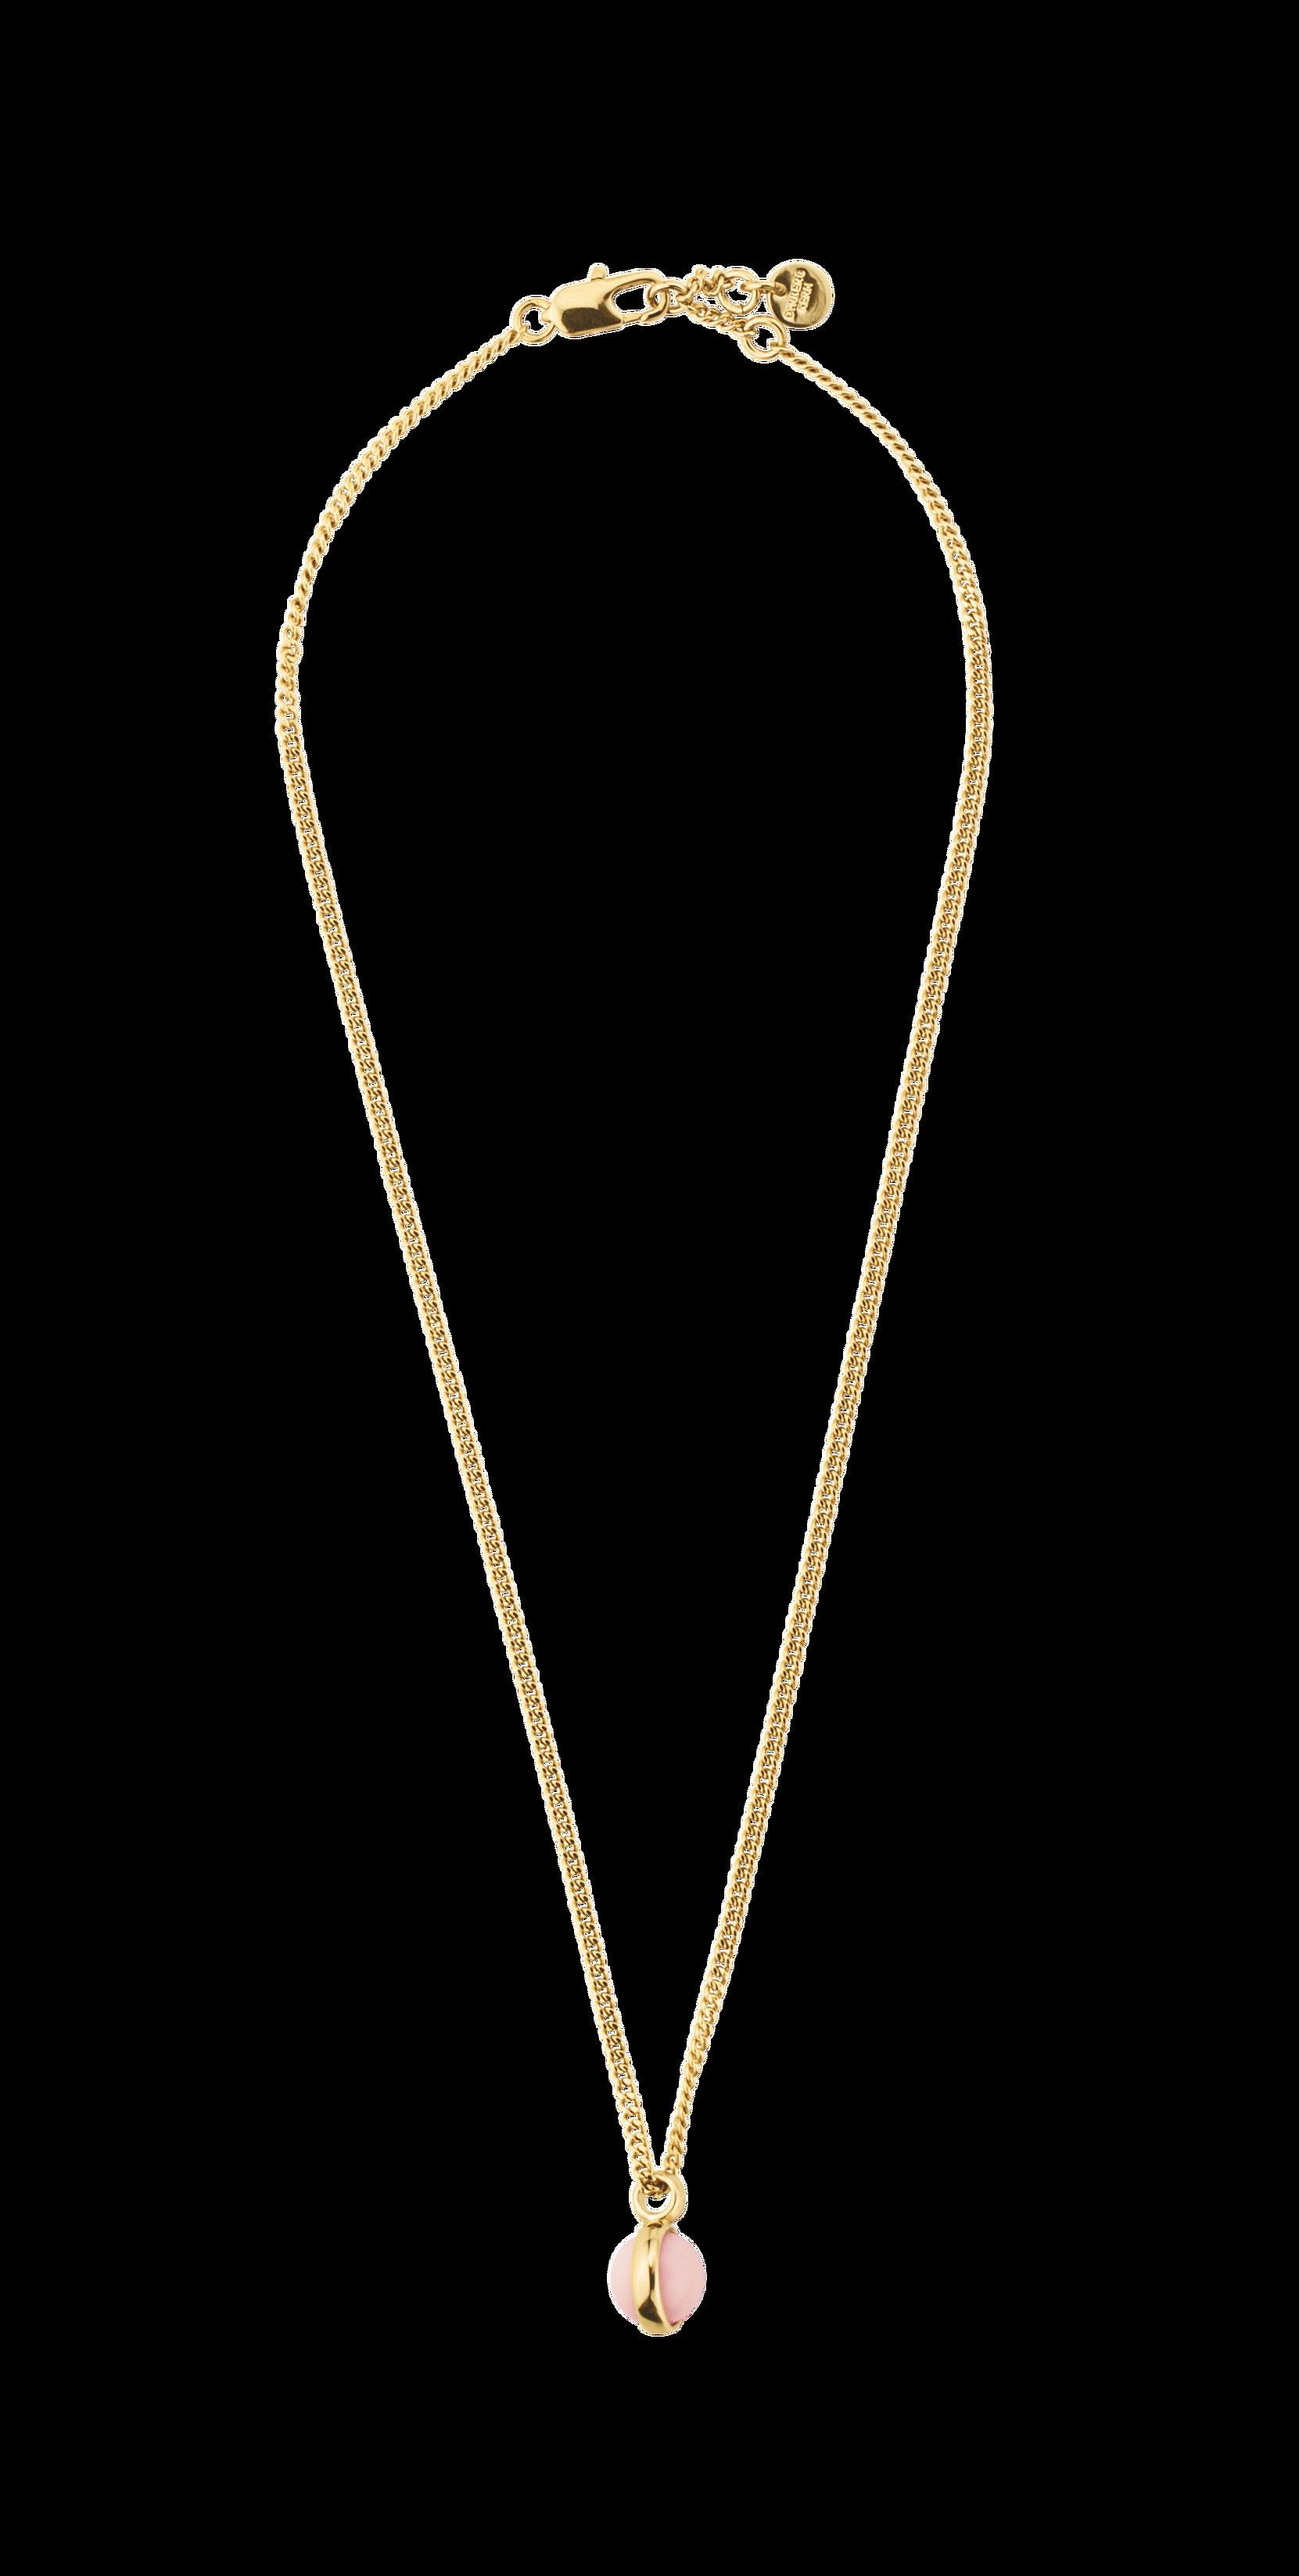 Lone-kaulakoru